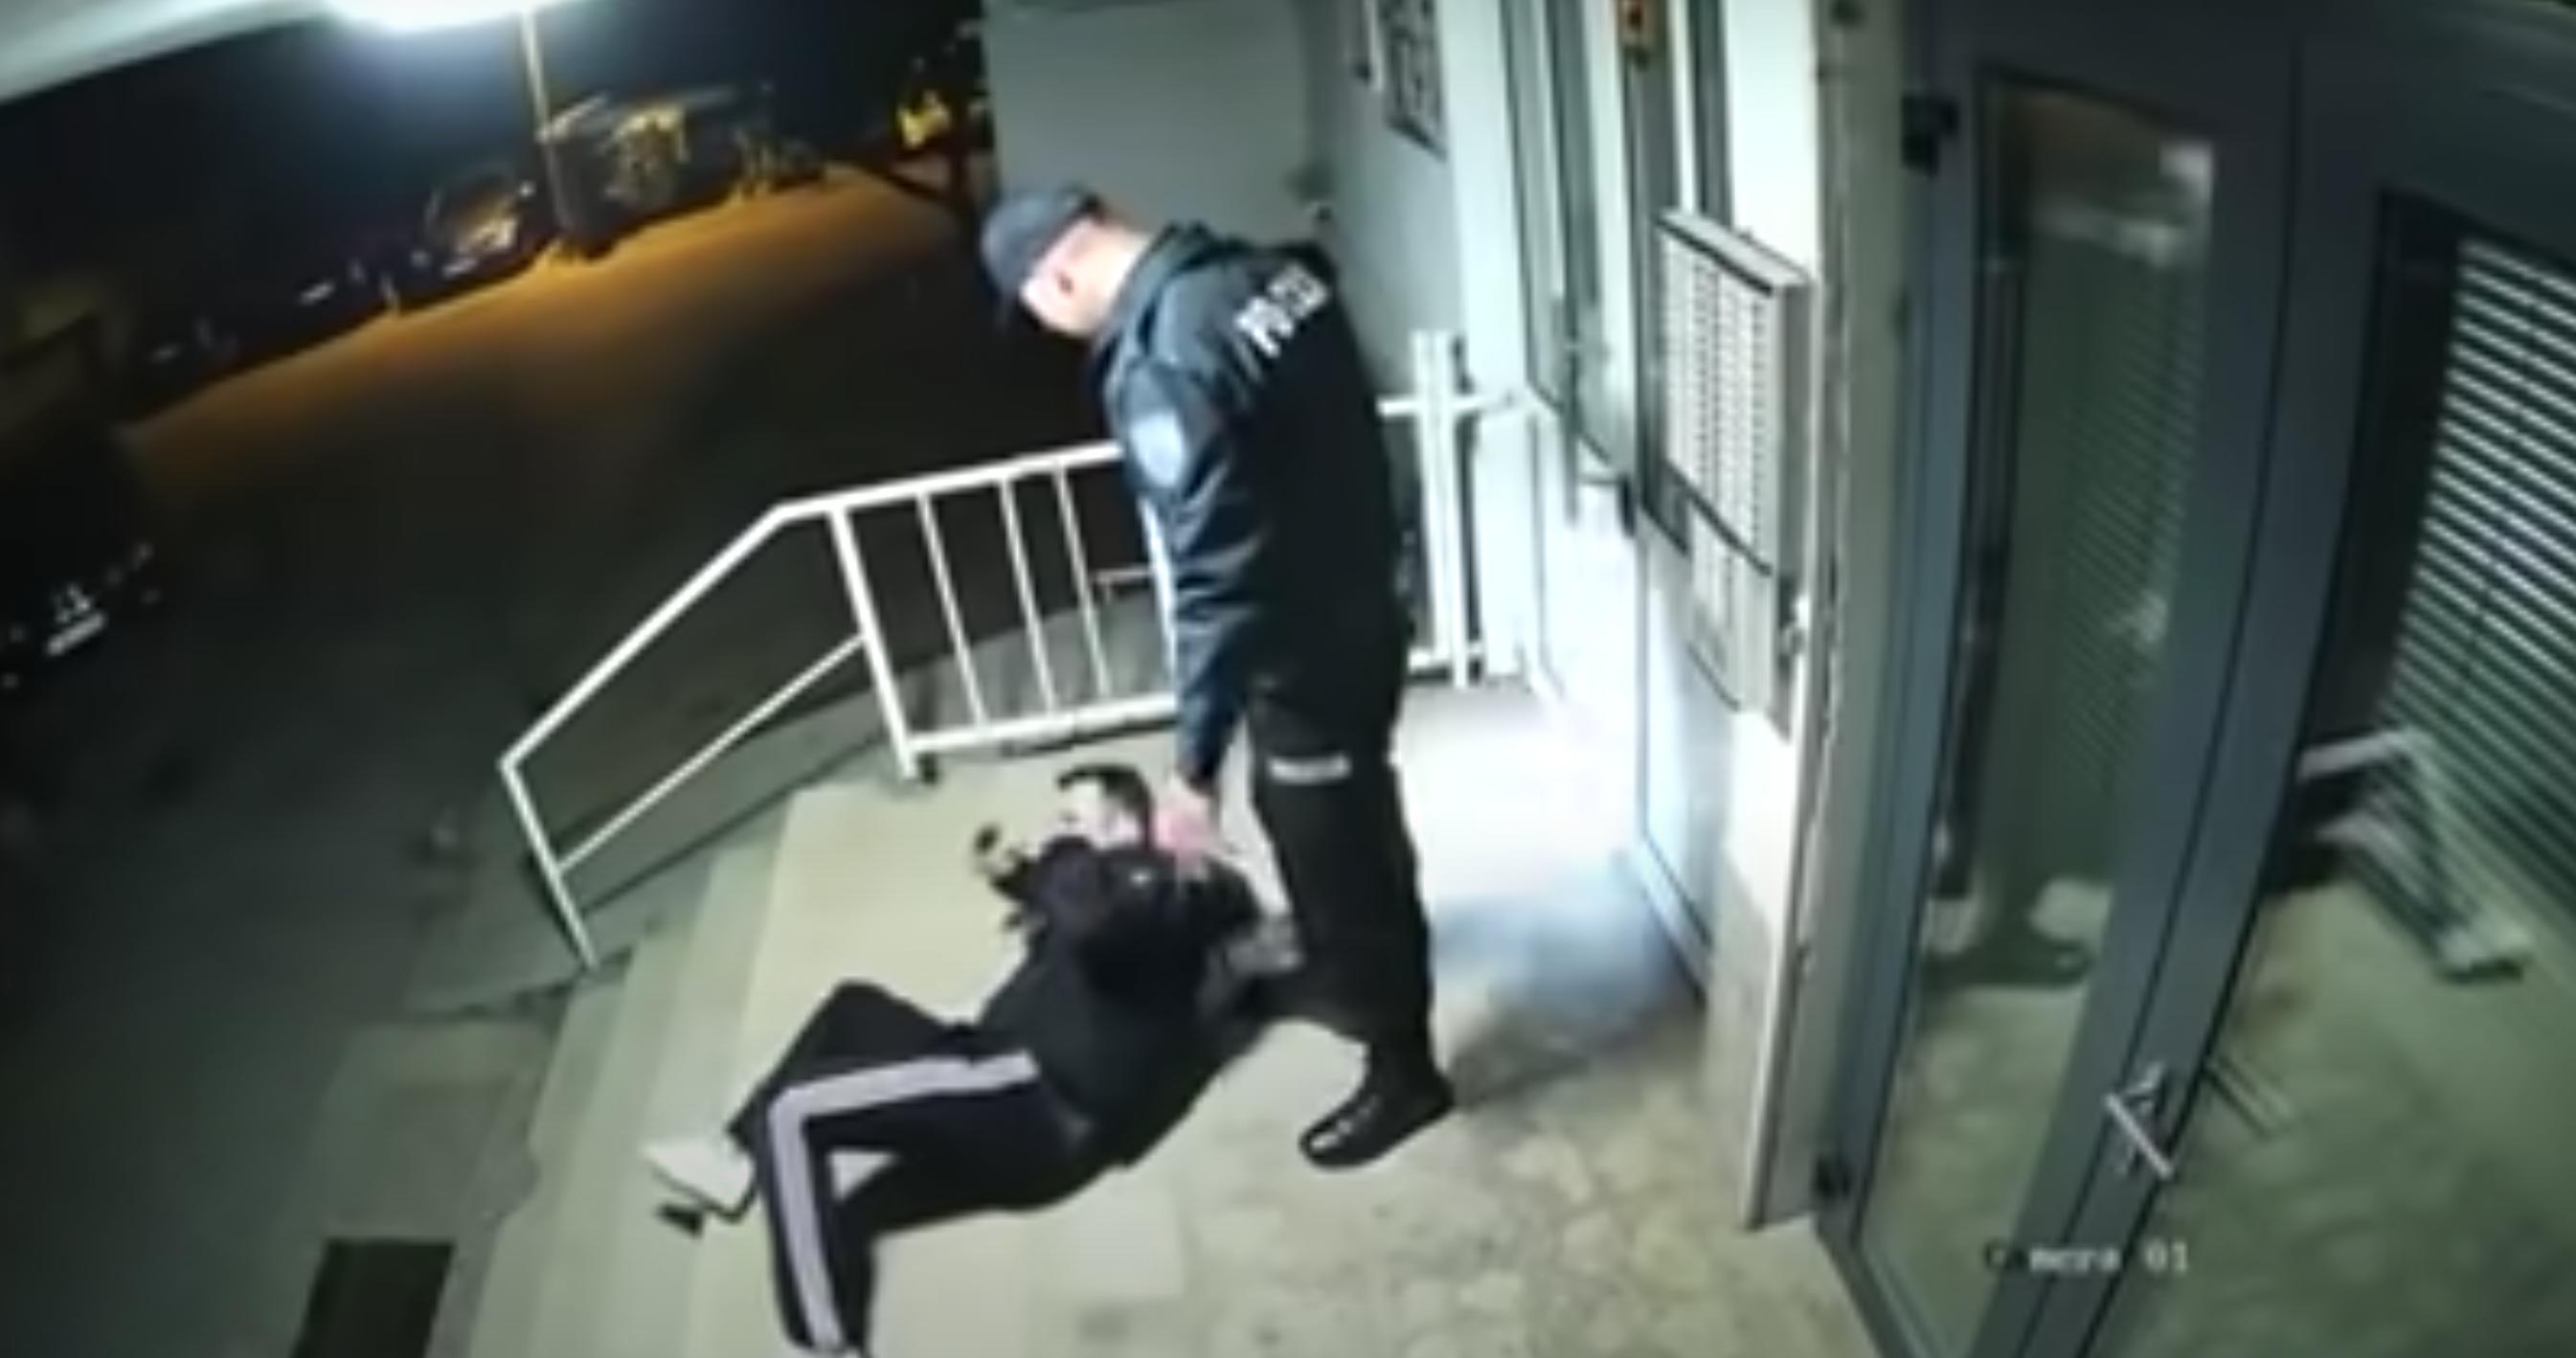 Bosznia-Hercegovinában megvertek a rendőrök egy férfit, mert megszegte a kijárási tilalmat